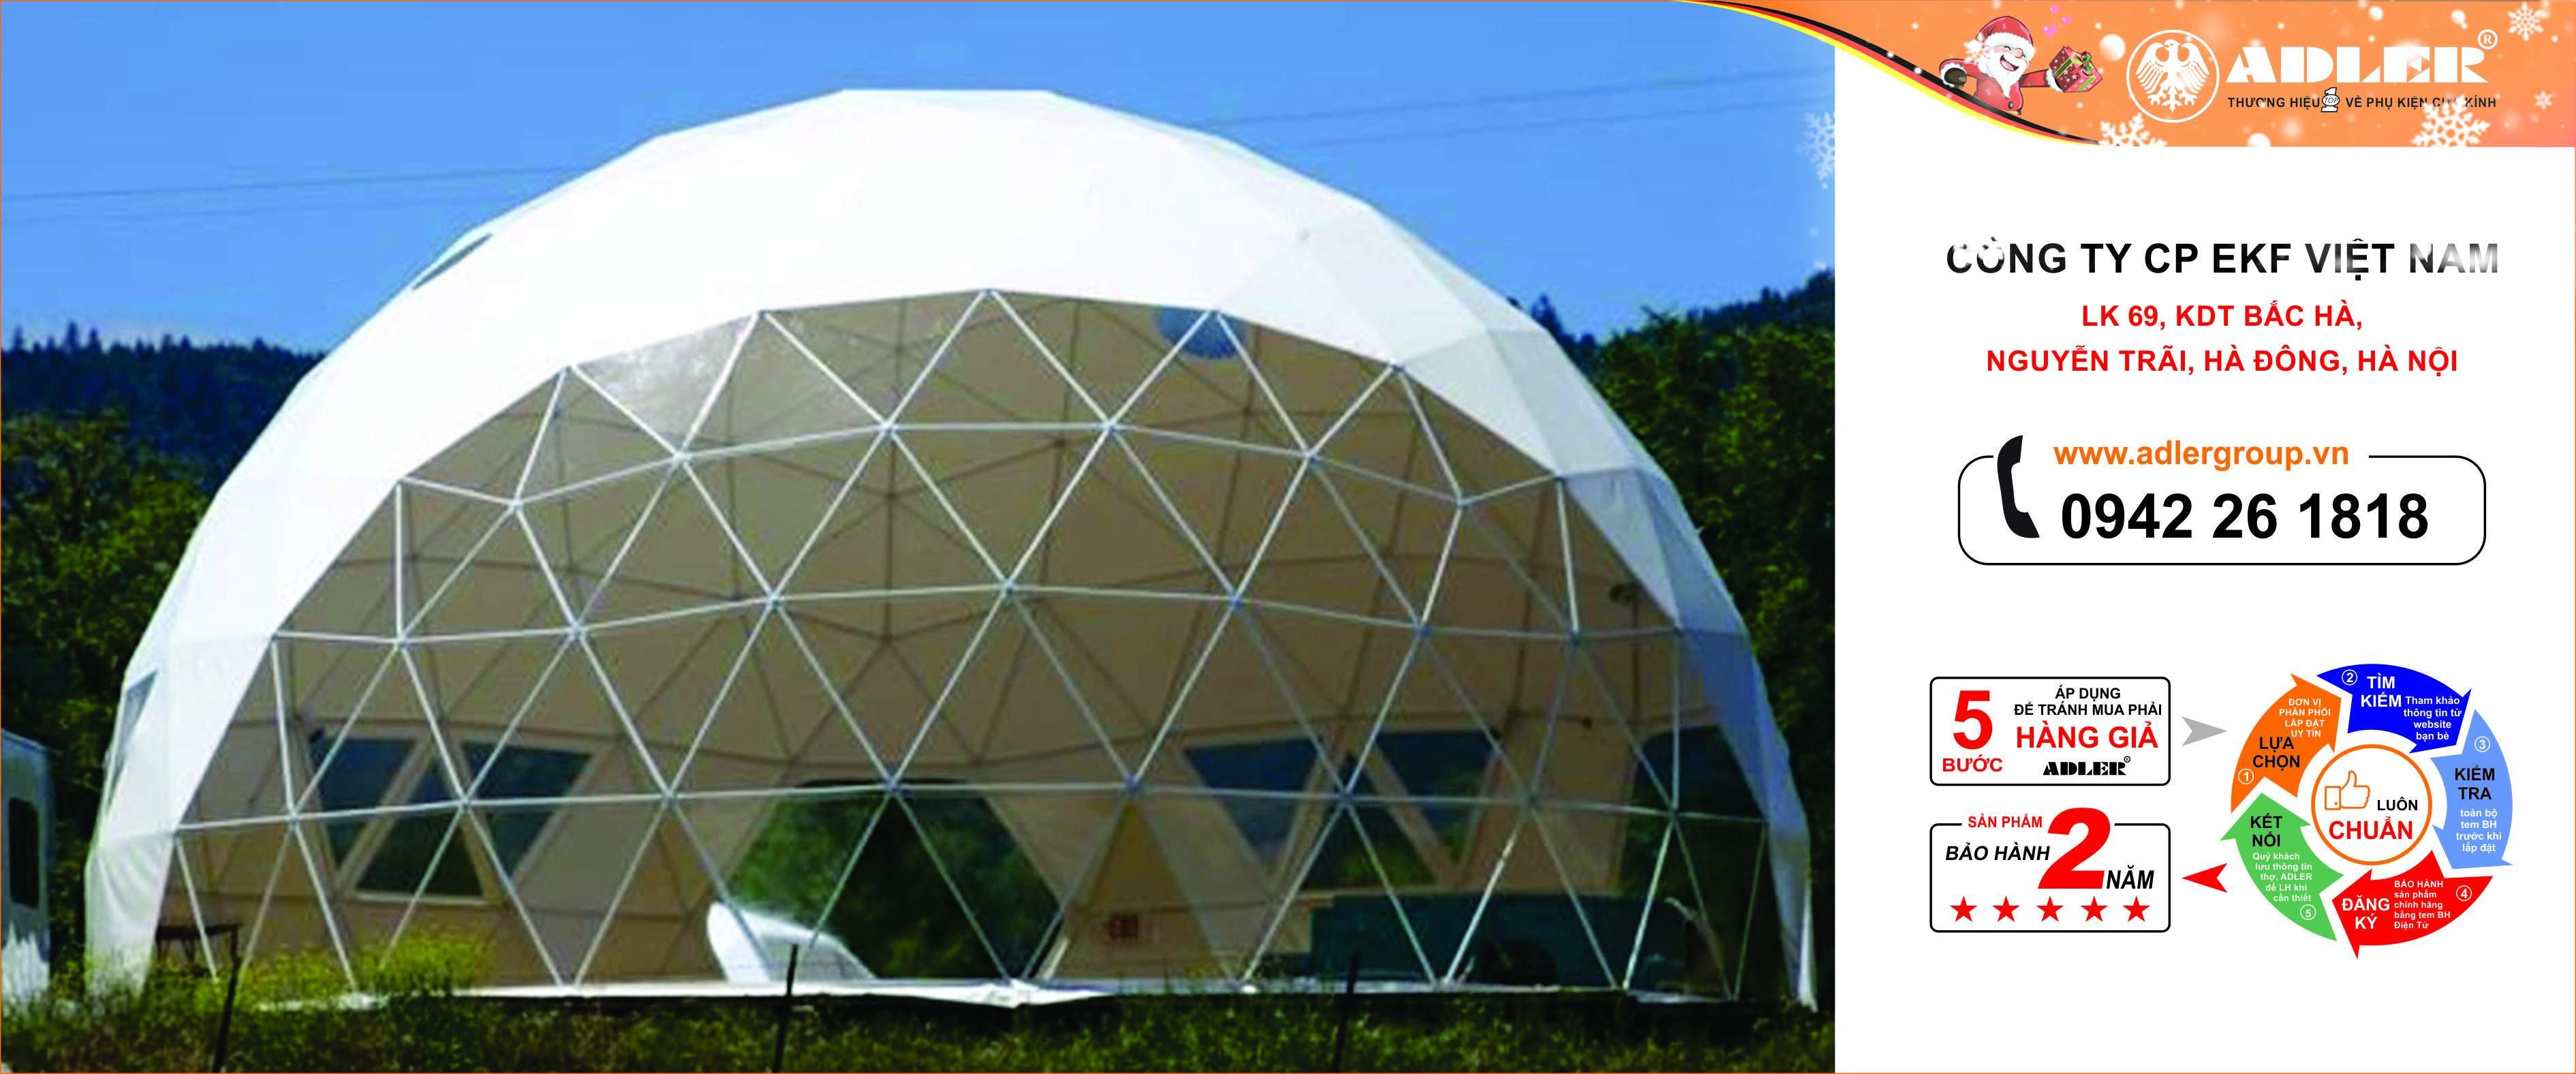 Mái vòm có thể làm nóng hay làm mát căn nhà theo thời tiết.